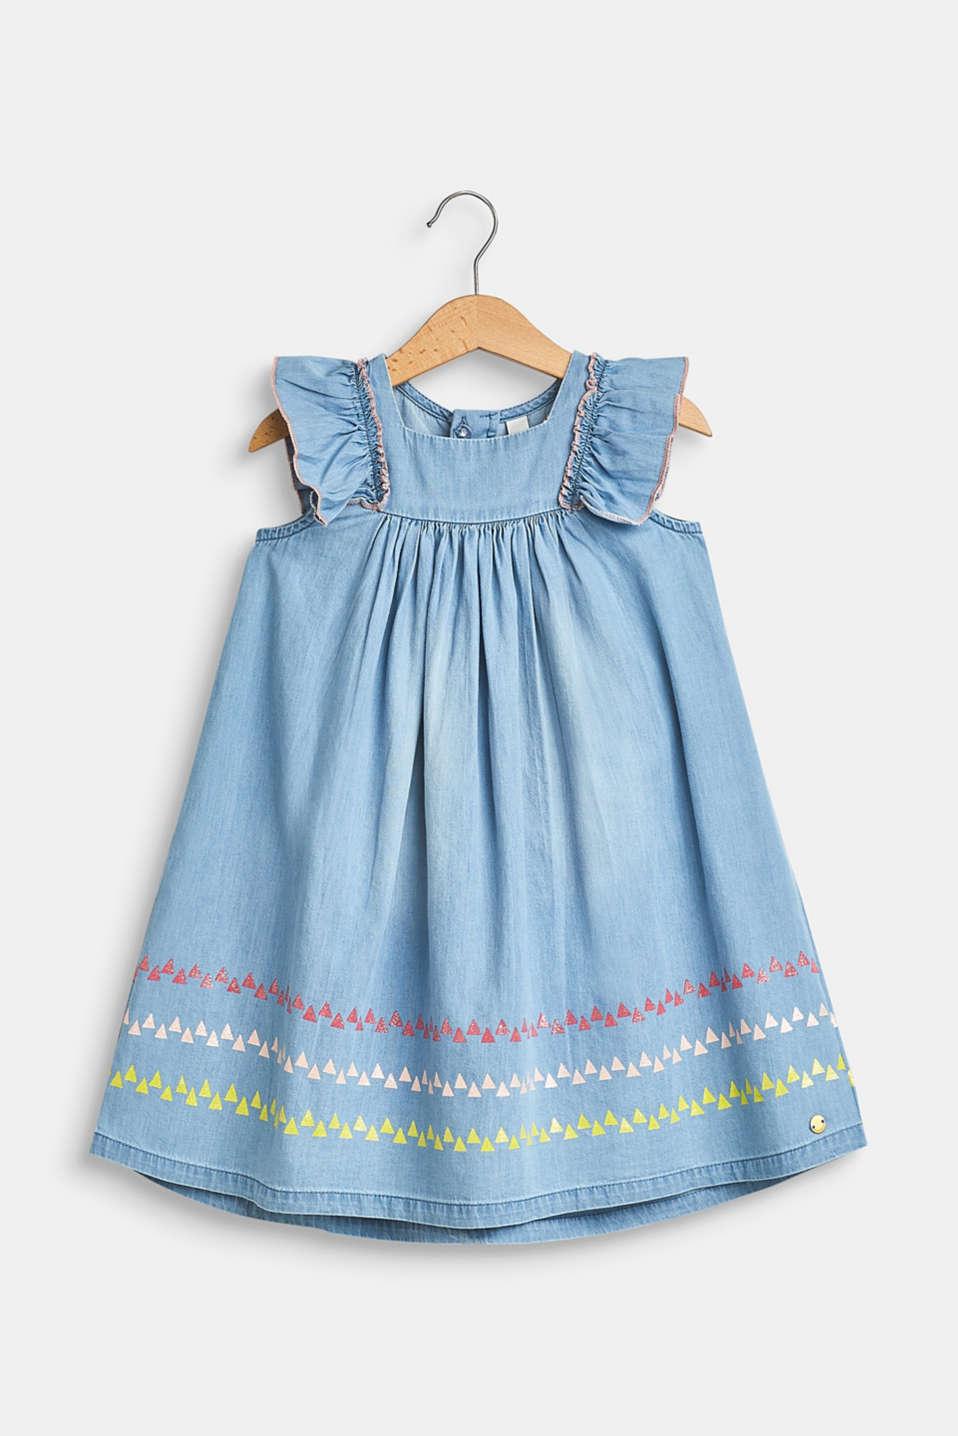 Dresses denim, LCBLUE LIGHT WAS, detail image number 0